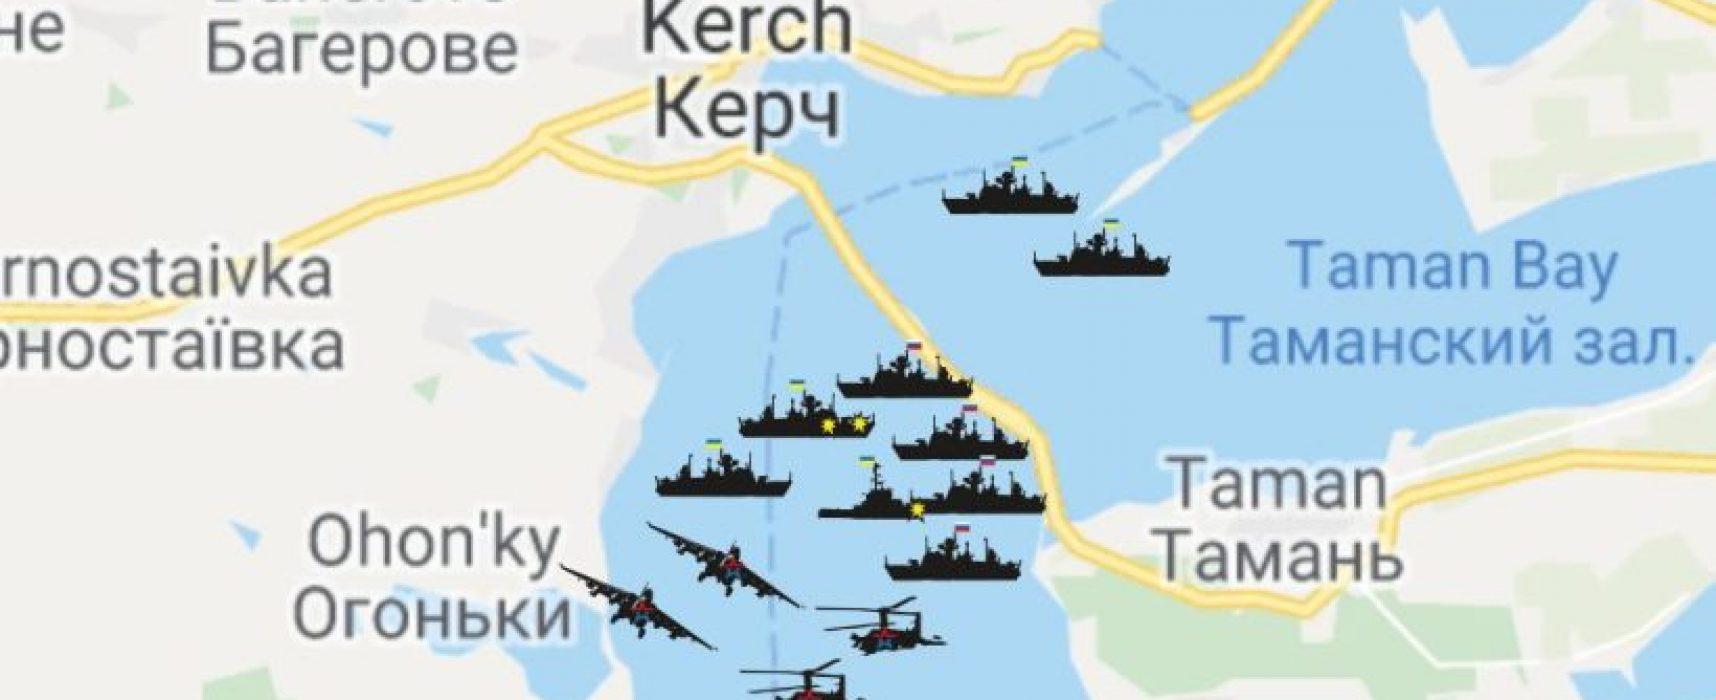 La Russie attaque l'Ukraine dans la mer d'Azov: ce que l'on sait . En direct